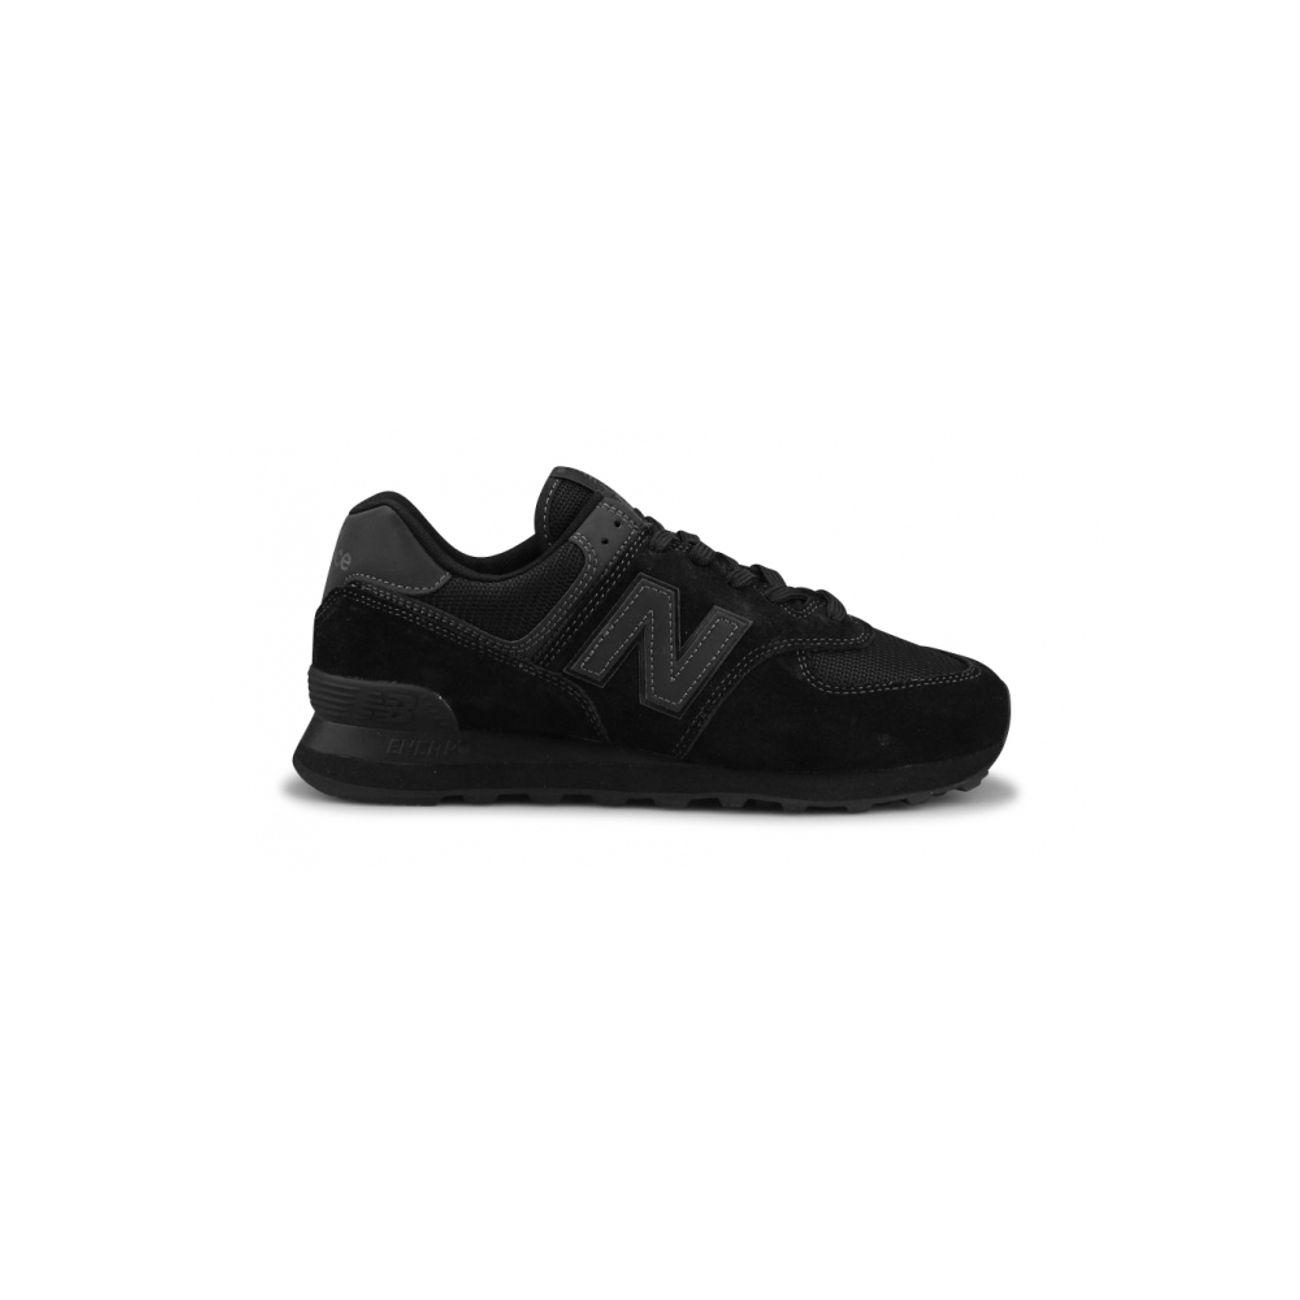 Outdoor homme NEW BALANCE Basket New Balance Ml574 Ete Noir